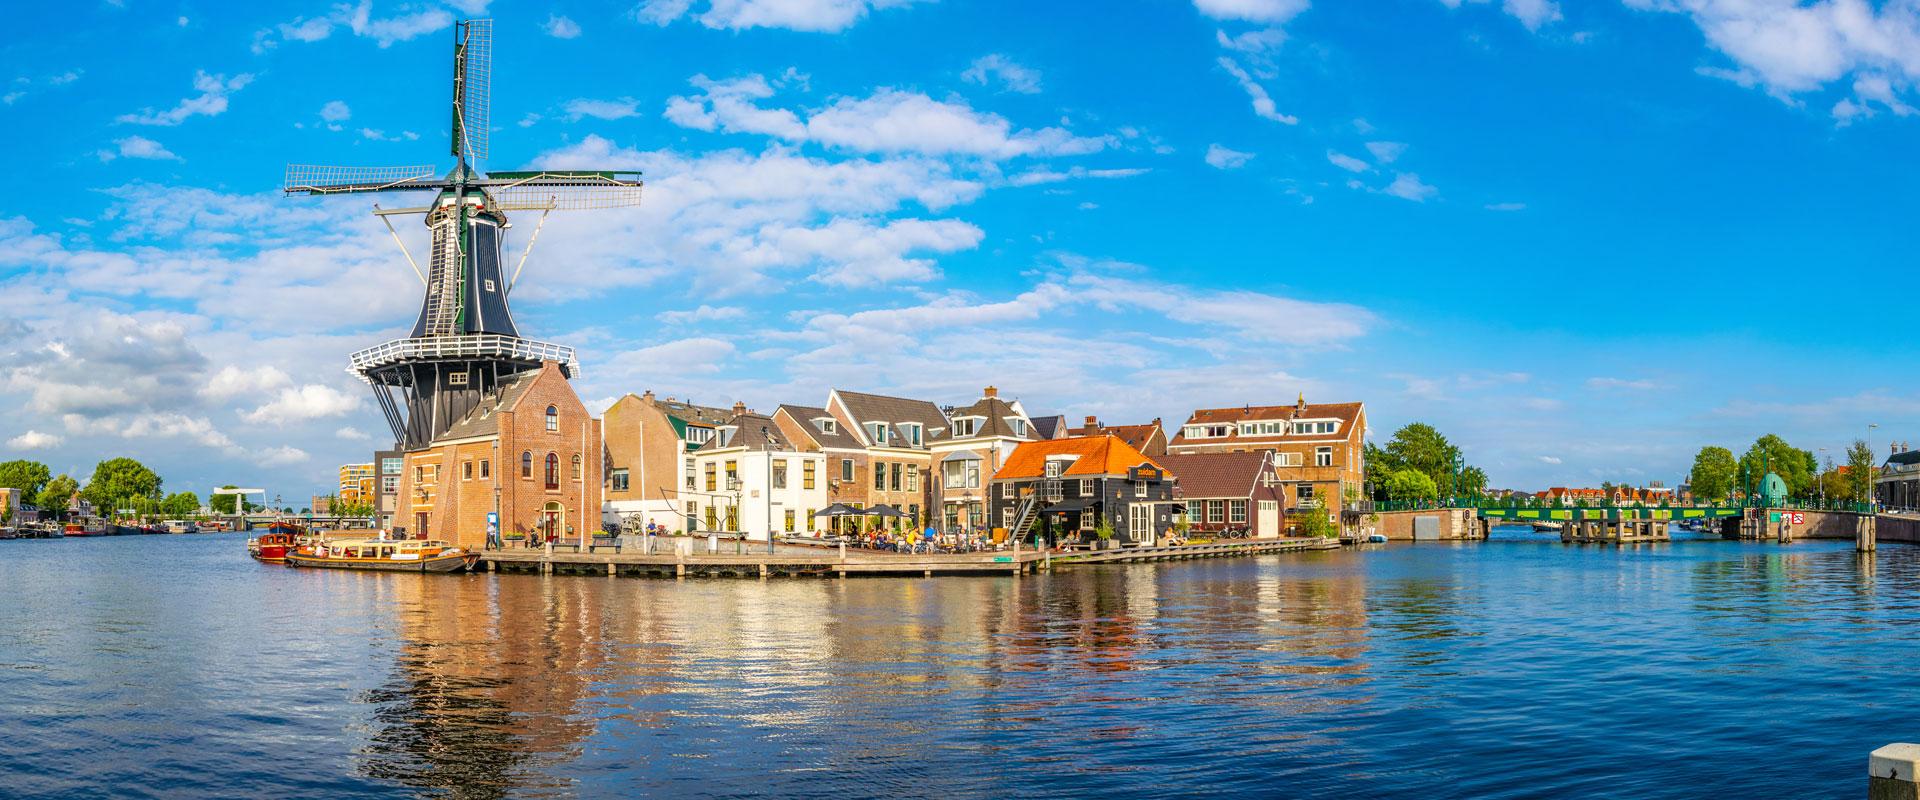 Hollands historiske byer